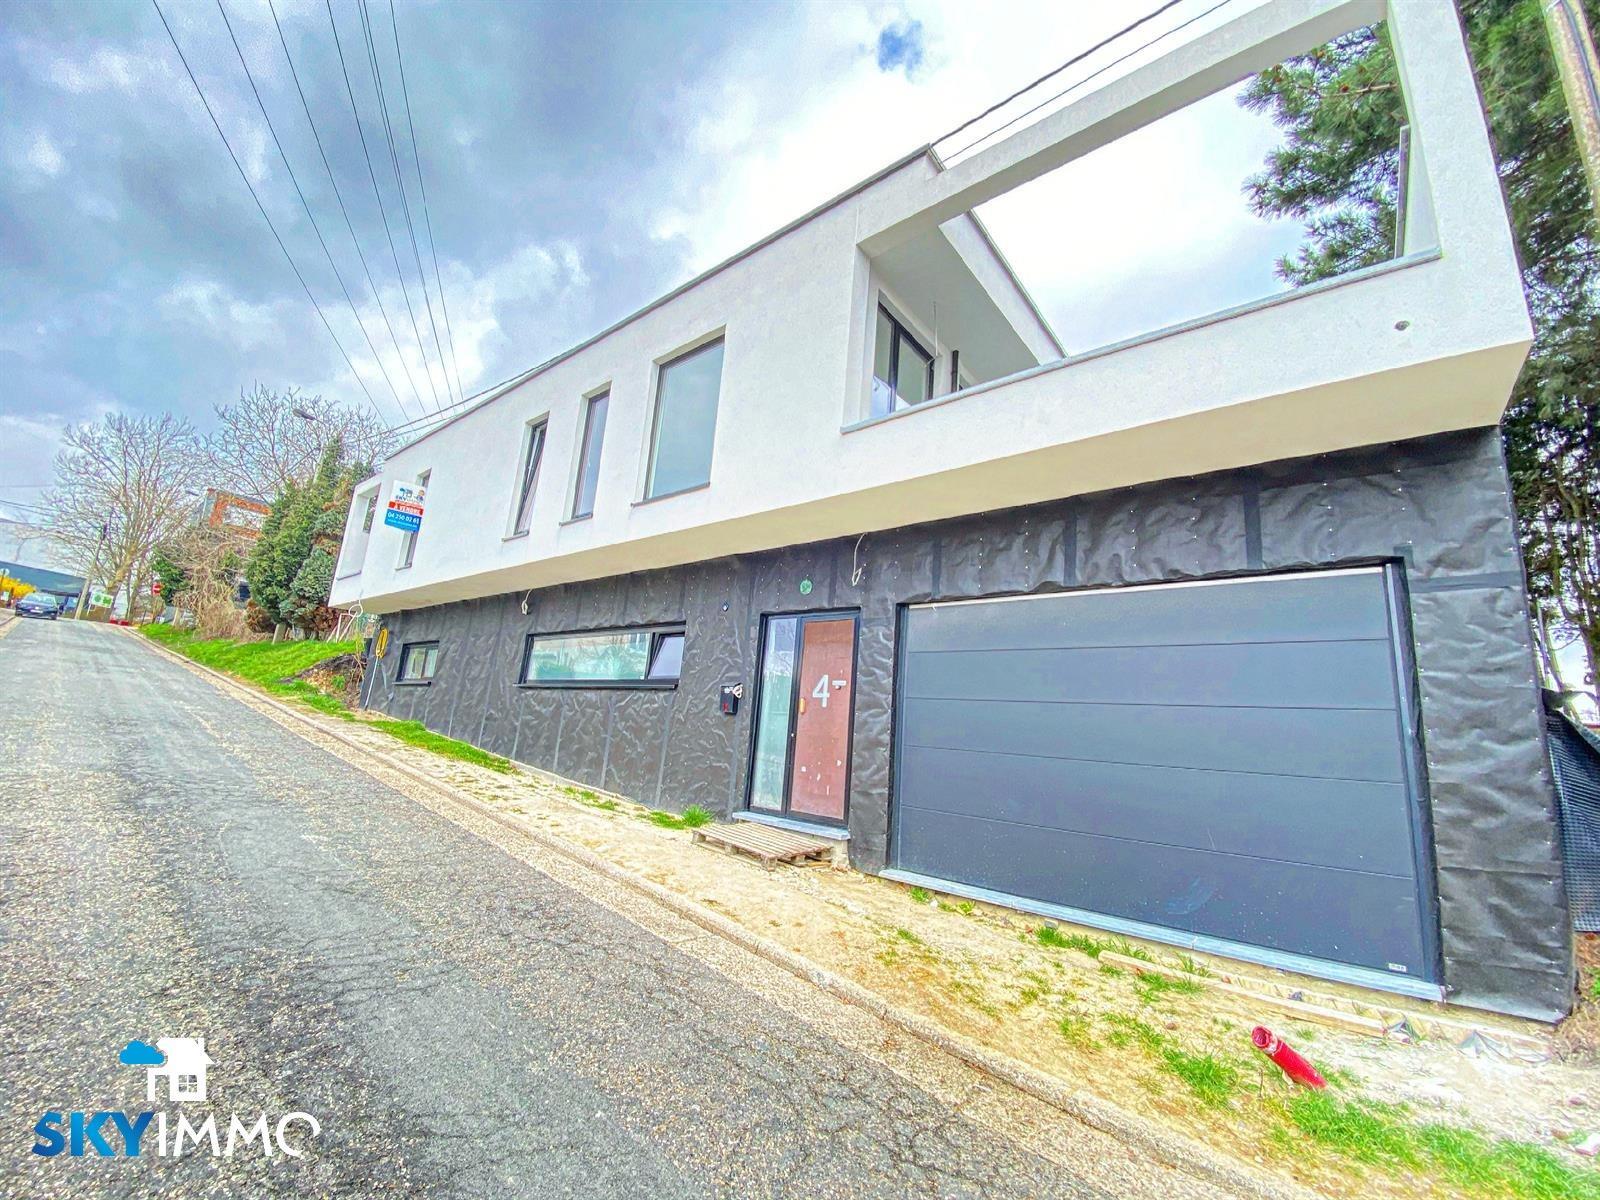 Maison unifamiliale - Saint-Nicolas Montegnée - #4363207-1